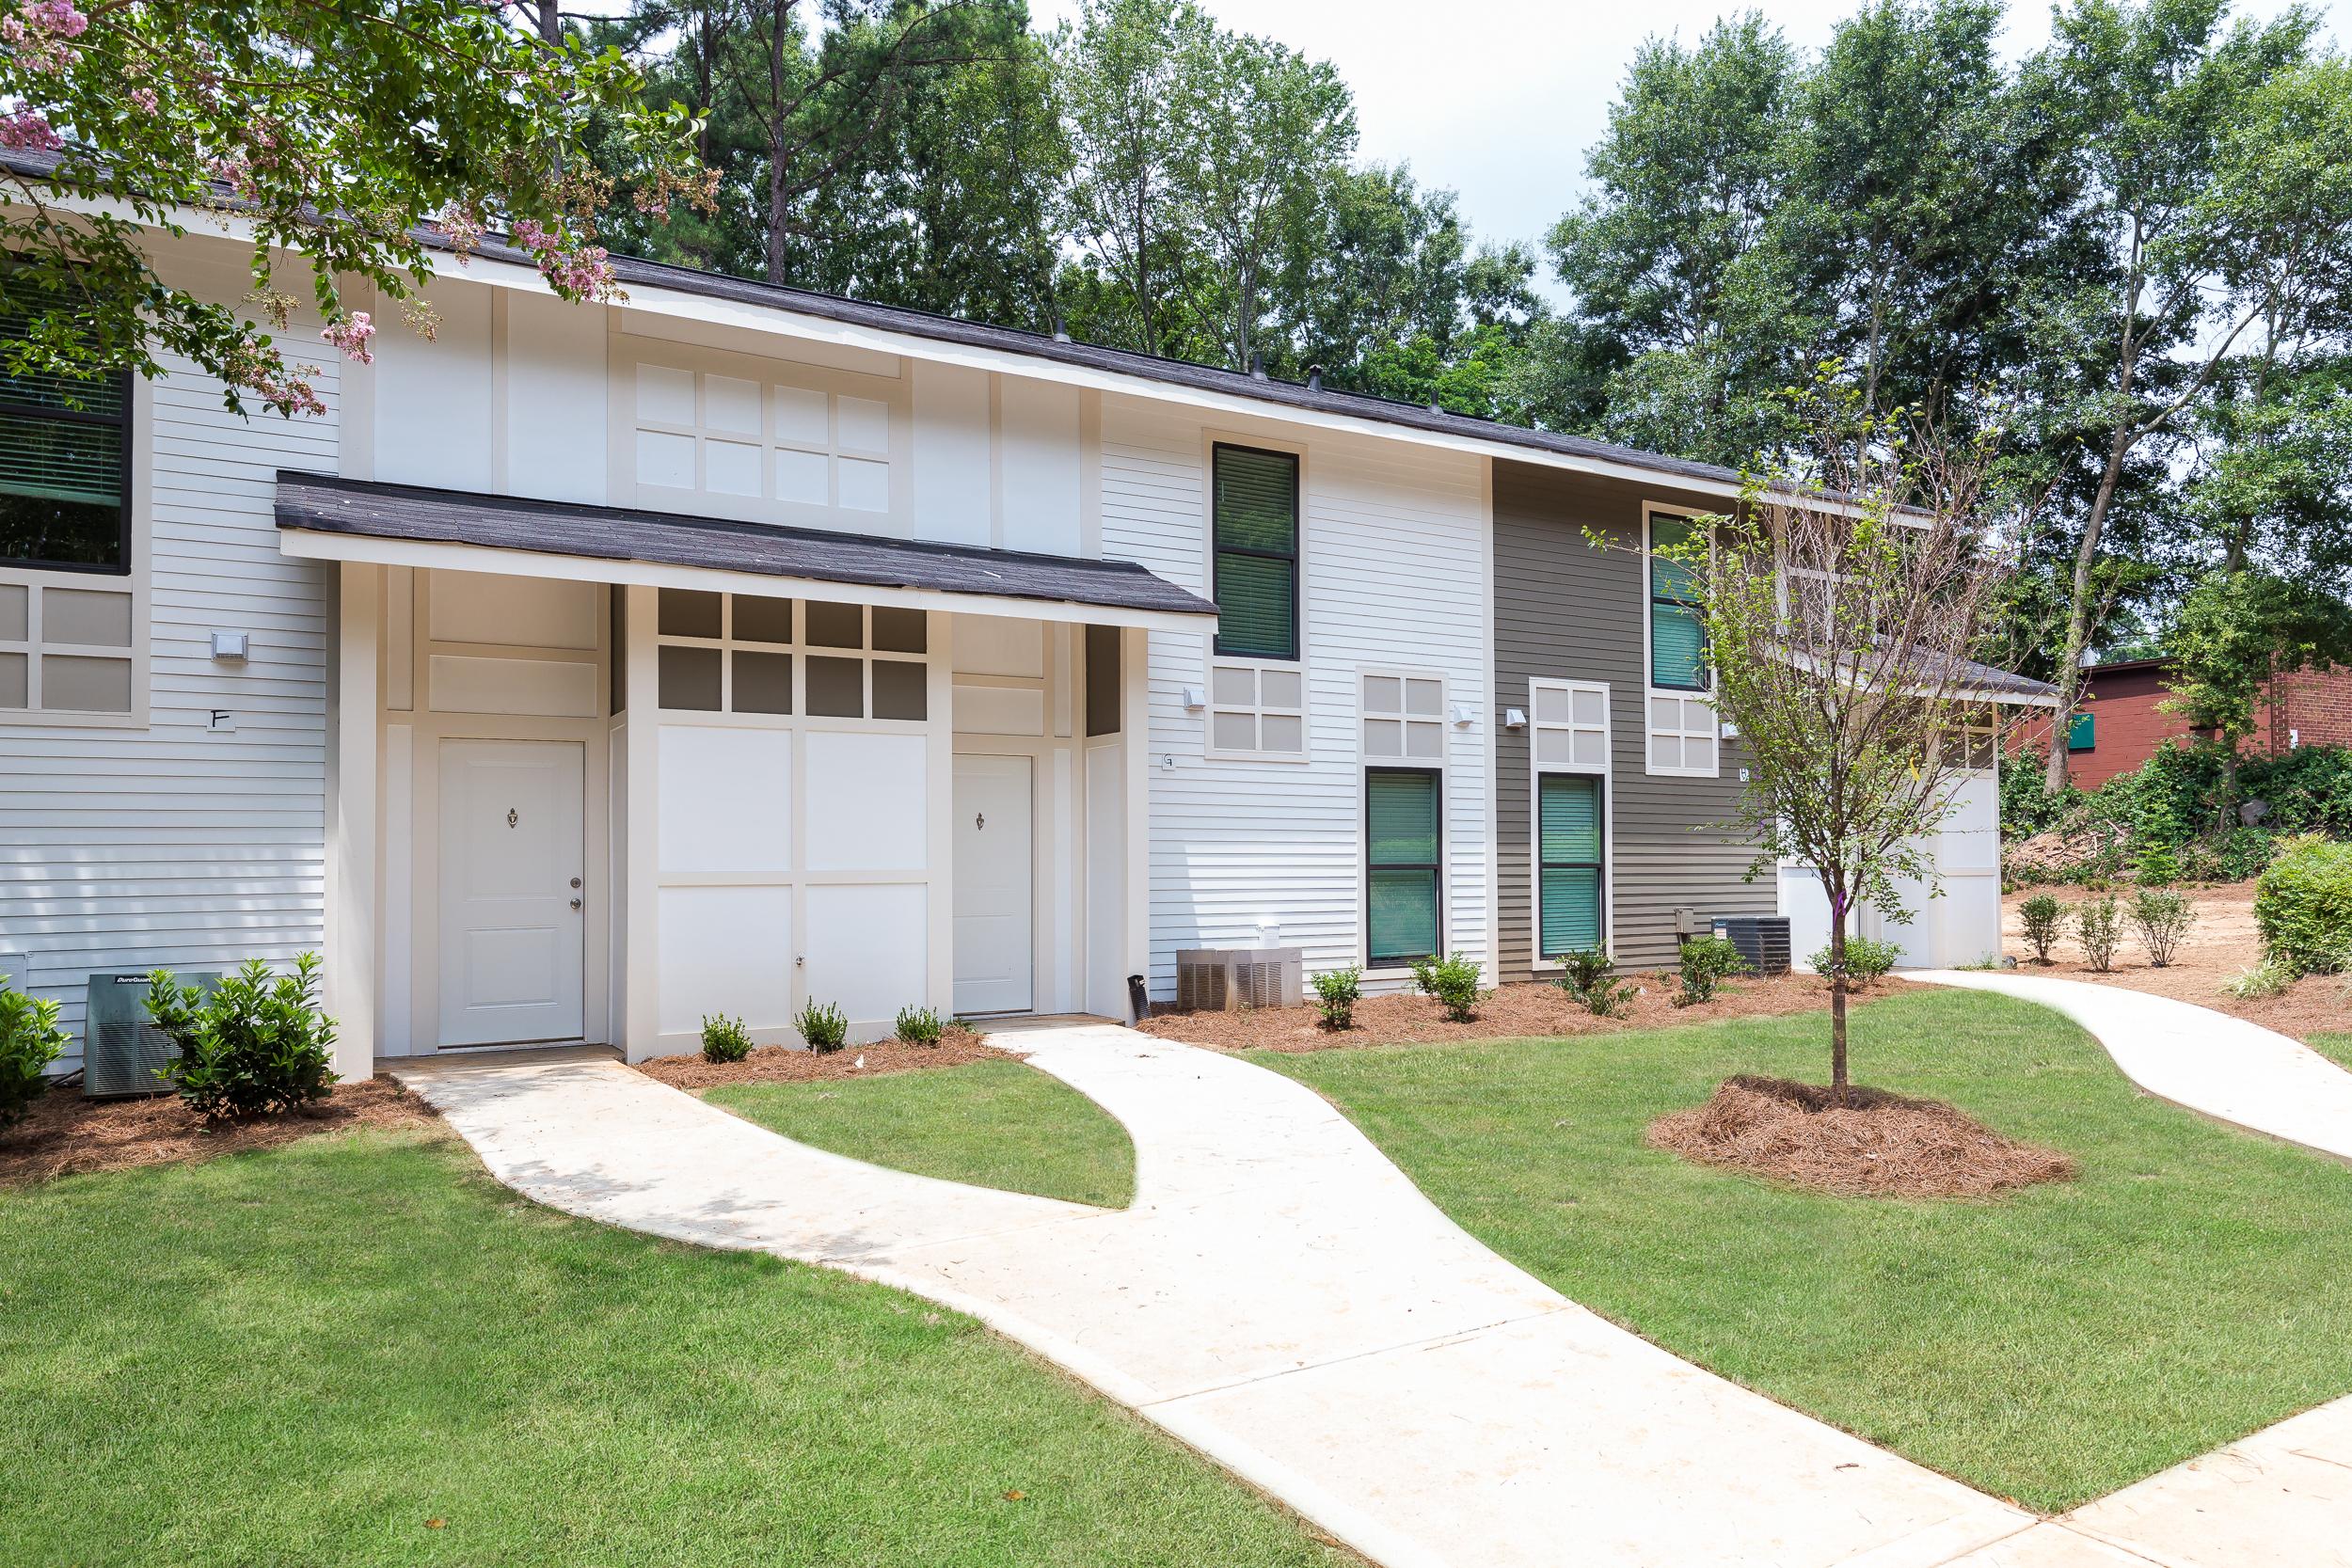 Springs Townhomes Exterior.jpg